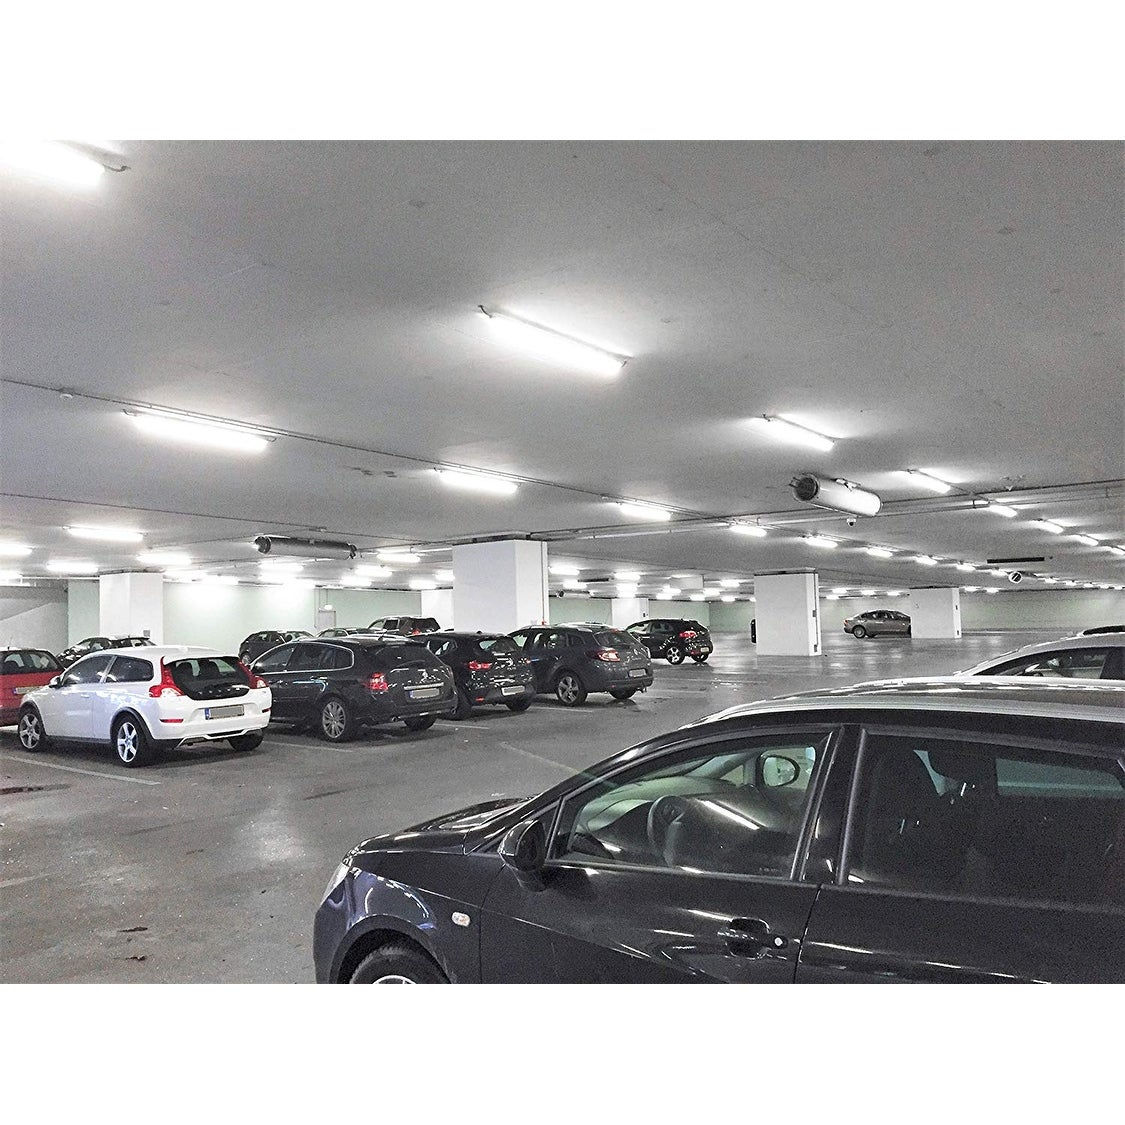 Shop Leonlite 4ft Led Shop Light 5250lm Ul Dlc Listed 5000k